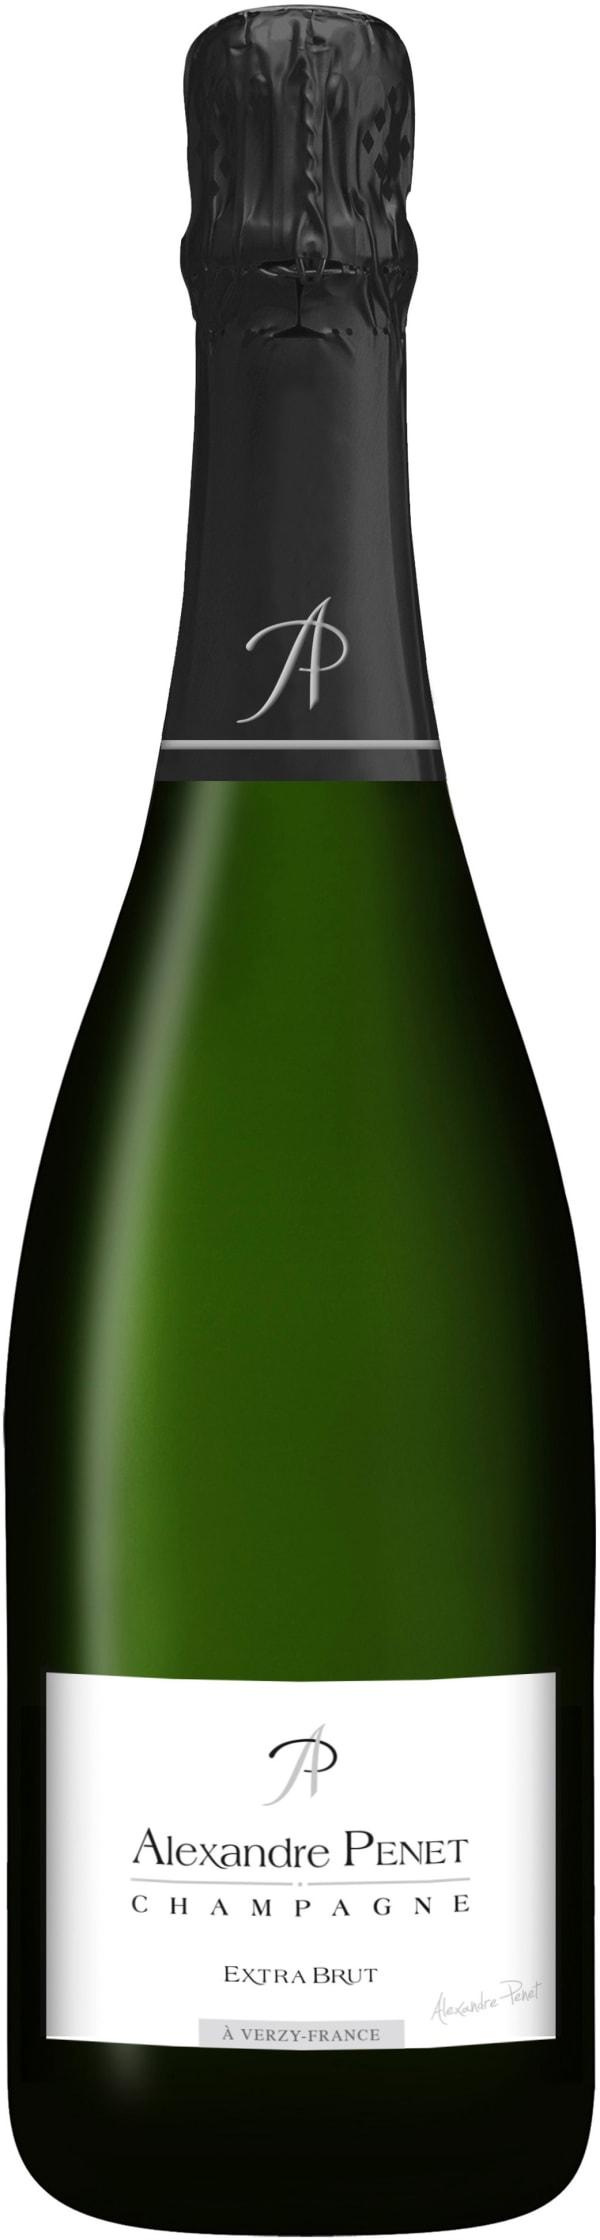 Alexandre Penet Champagne Extra Brut